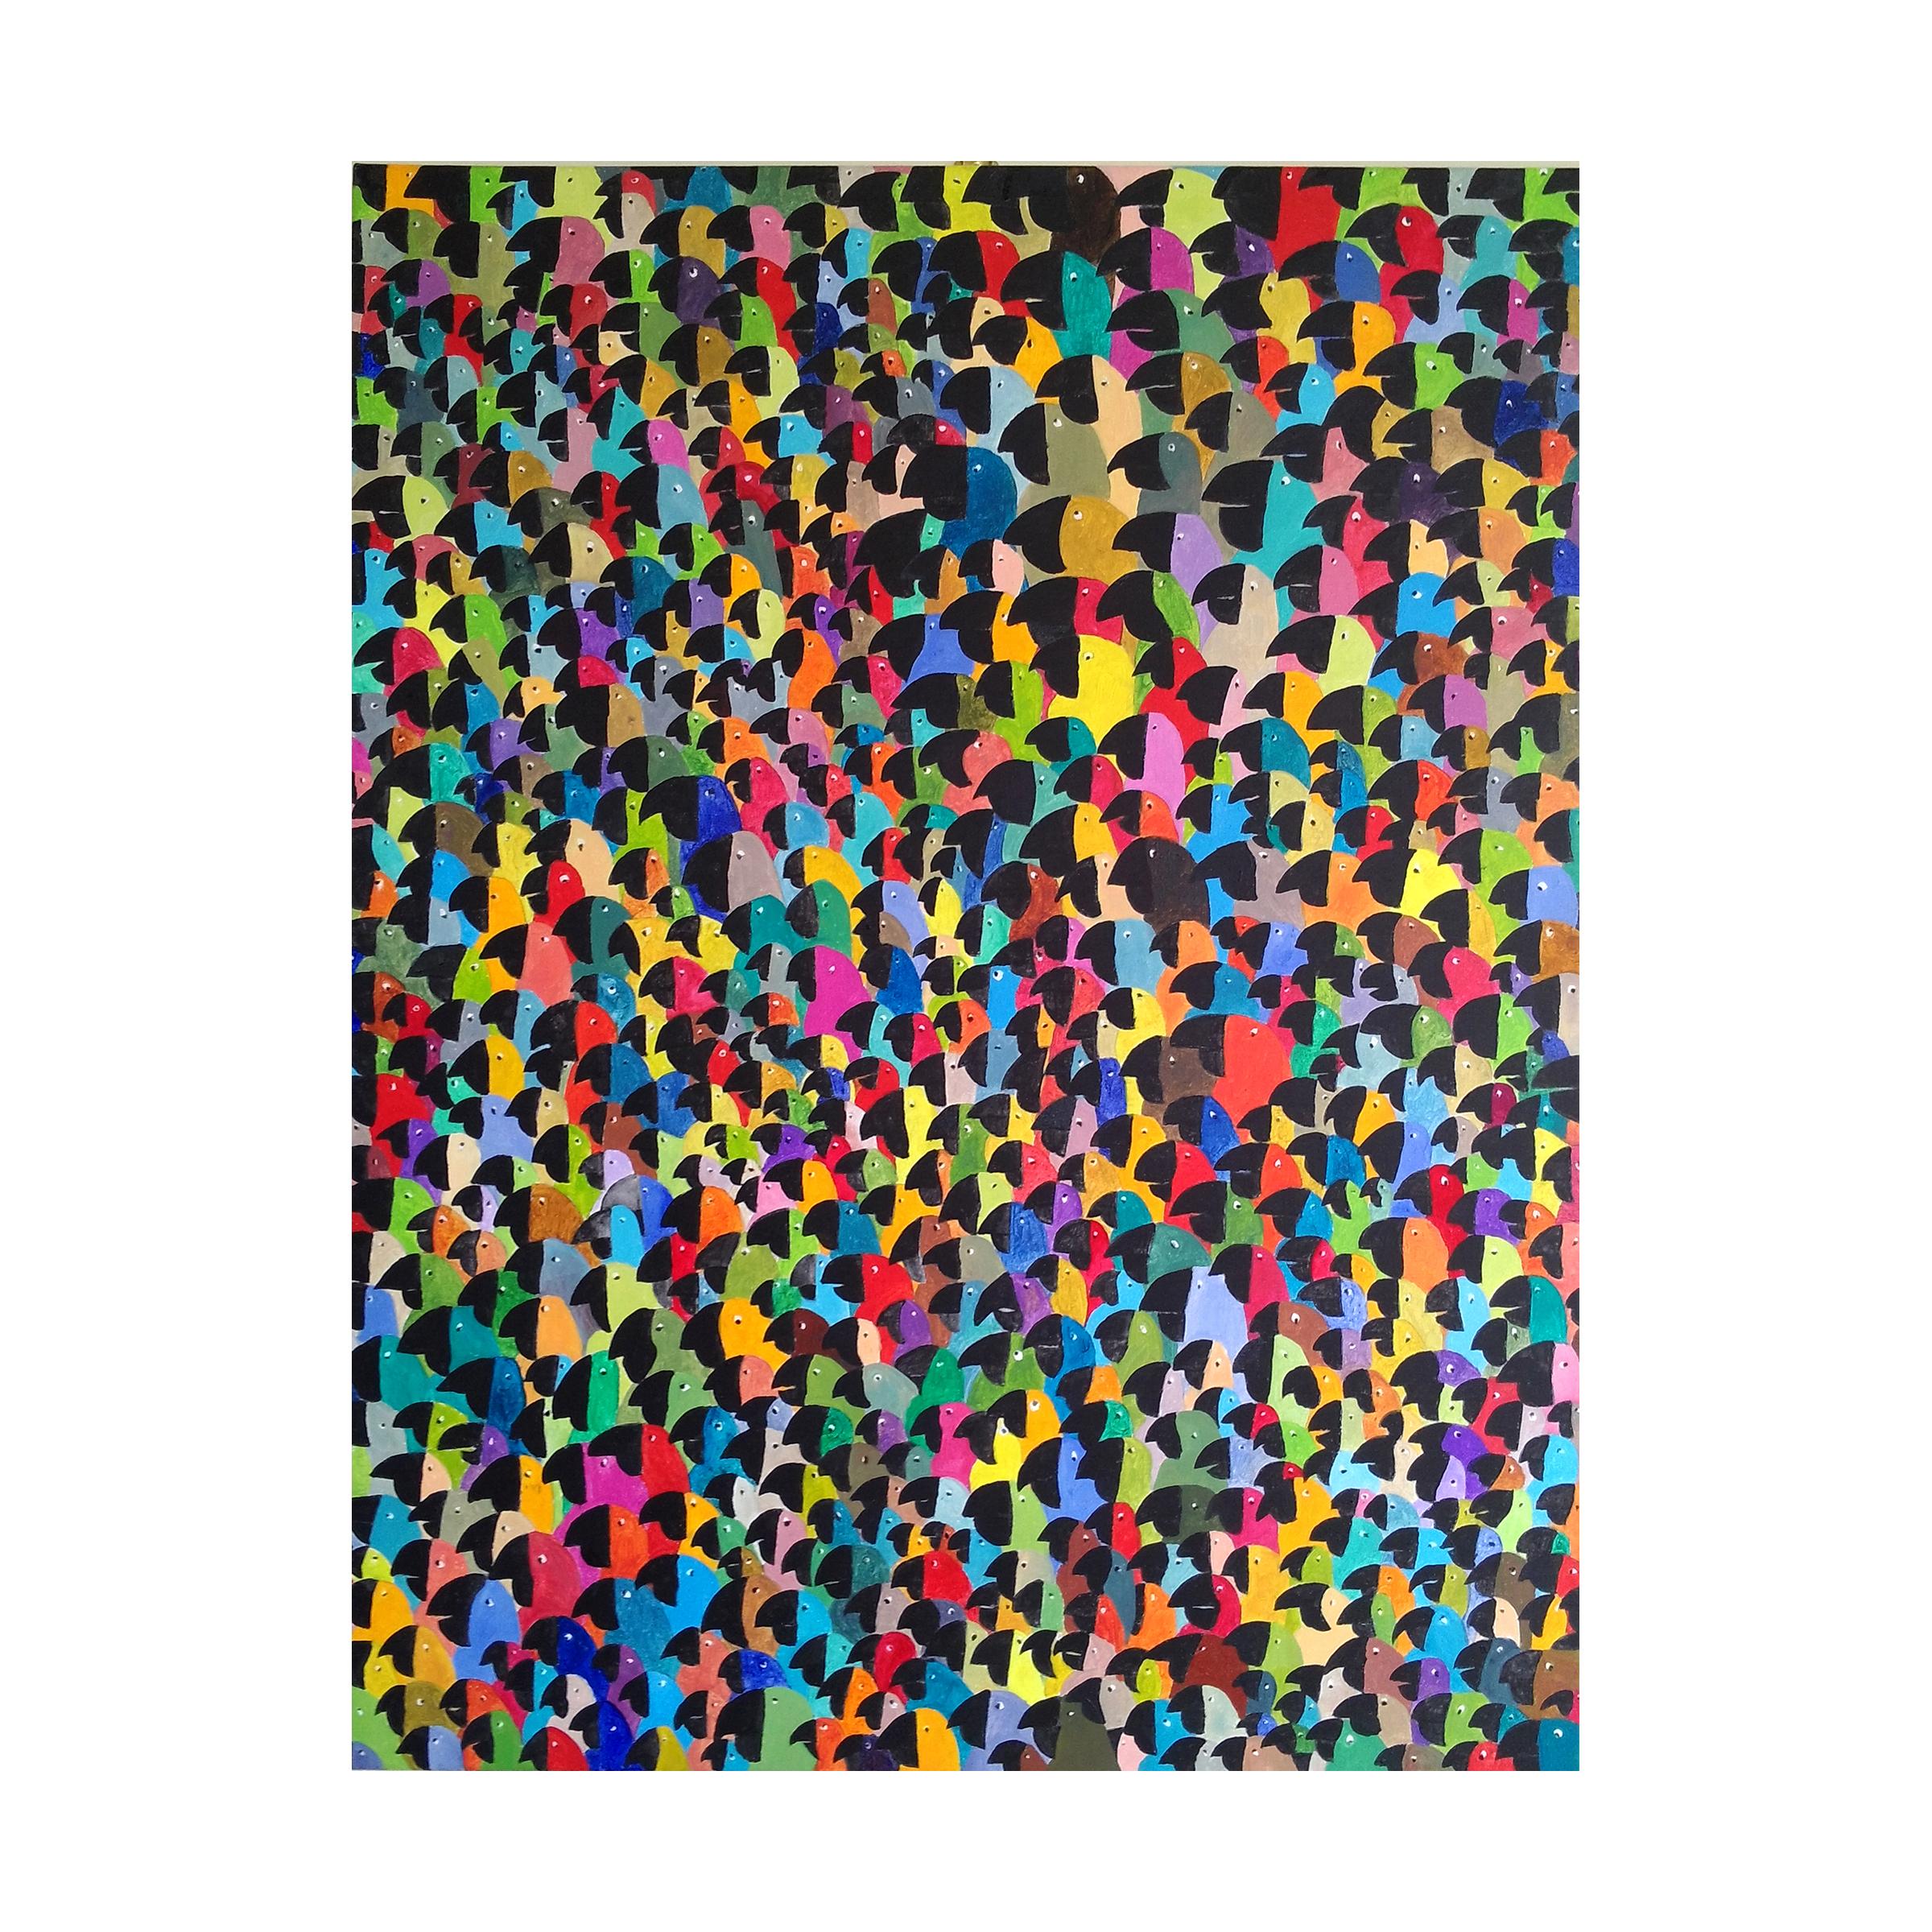 b 1 - Maracana', acrylic on canvas, 48'' x 36'' (135 x 90 cm)